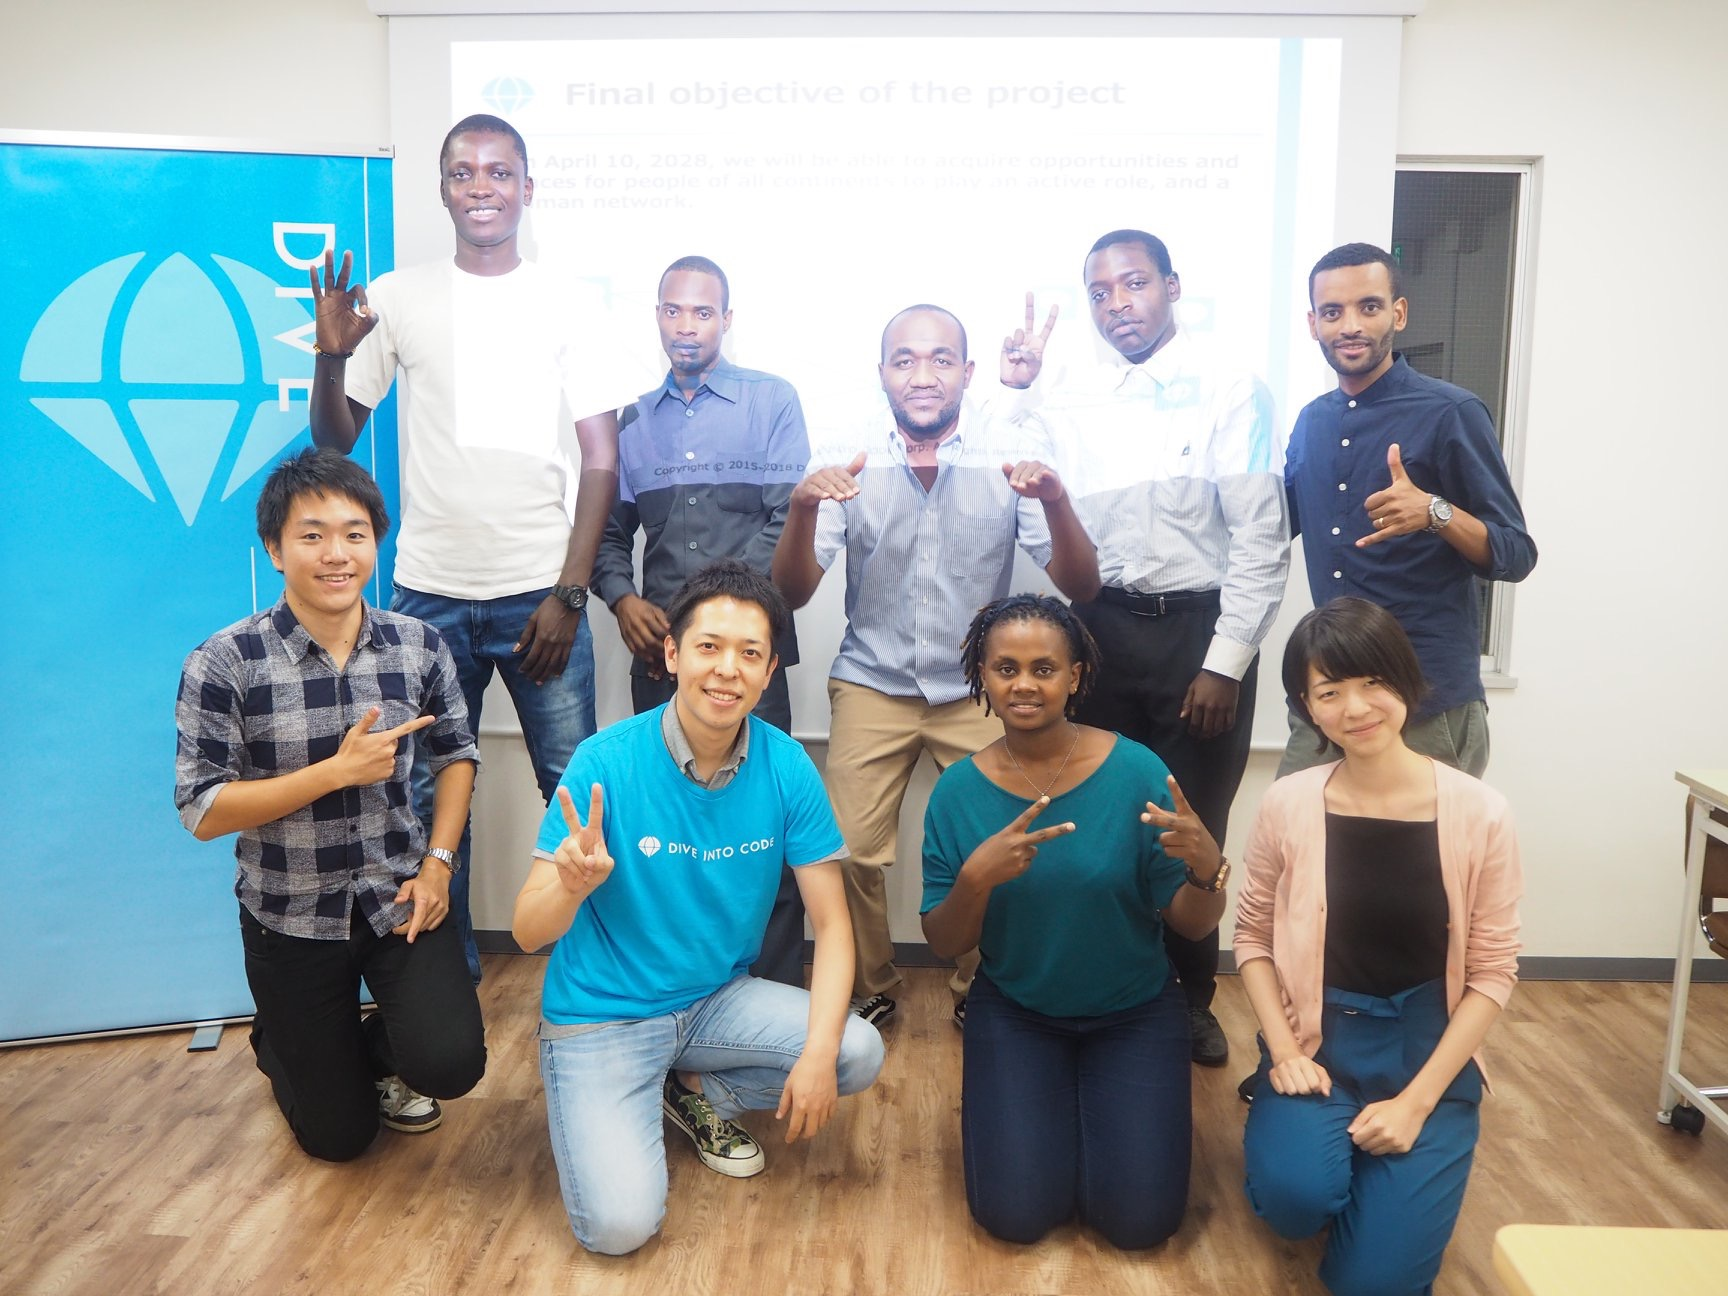 🇷🇼ルワンダで「IT教育」x「雇用の創出」(株)DIVE INTO CODEのアフリカ事業を聞く!